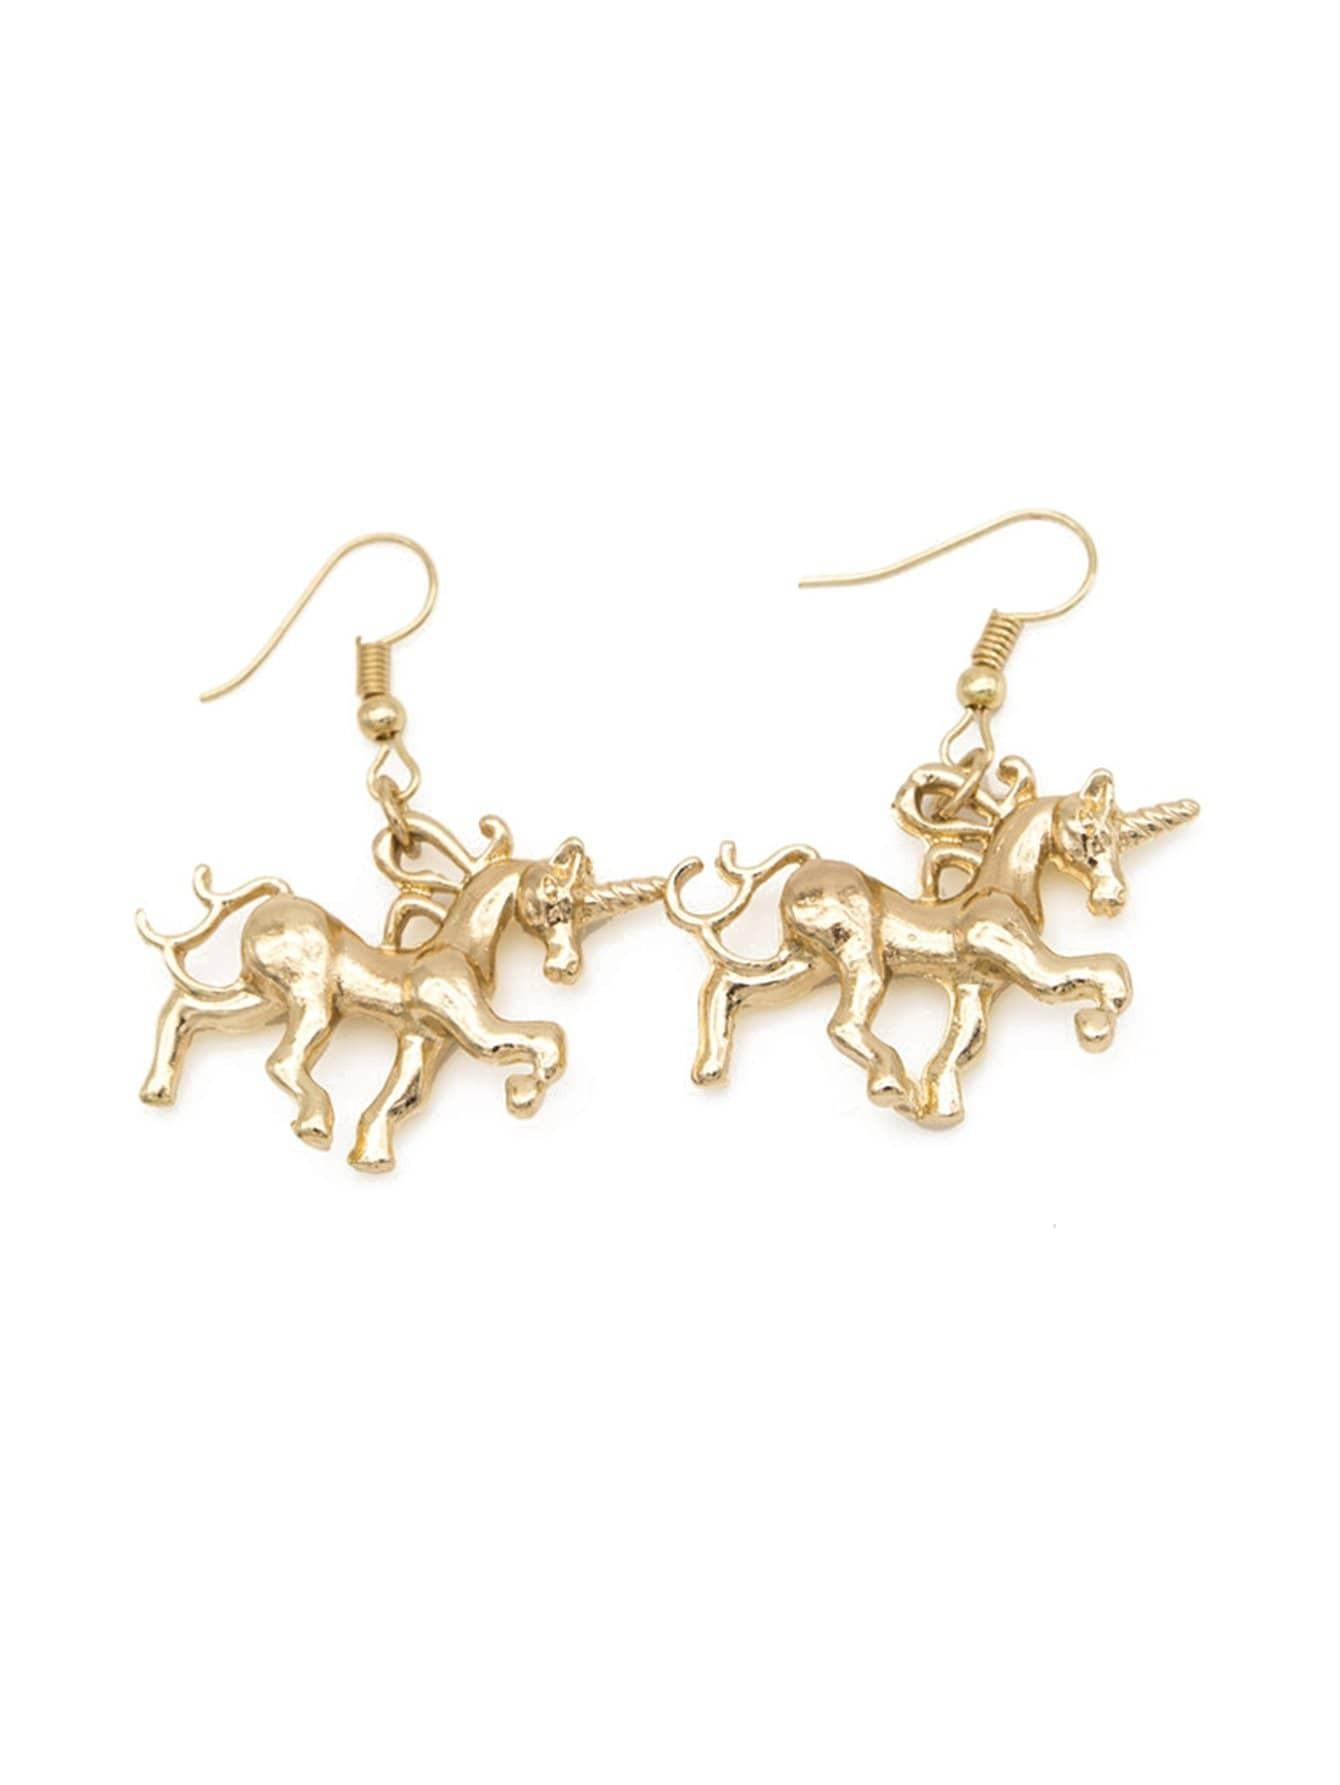 Unicorn Design Drop Earrings two tone face design drop earrings